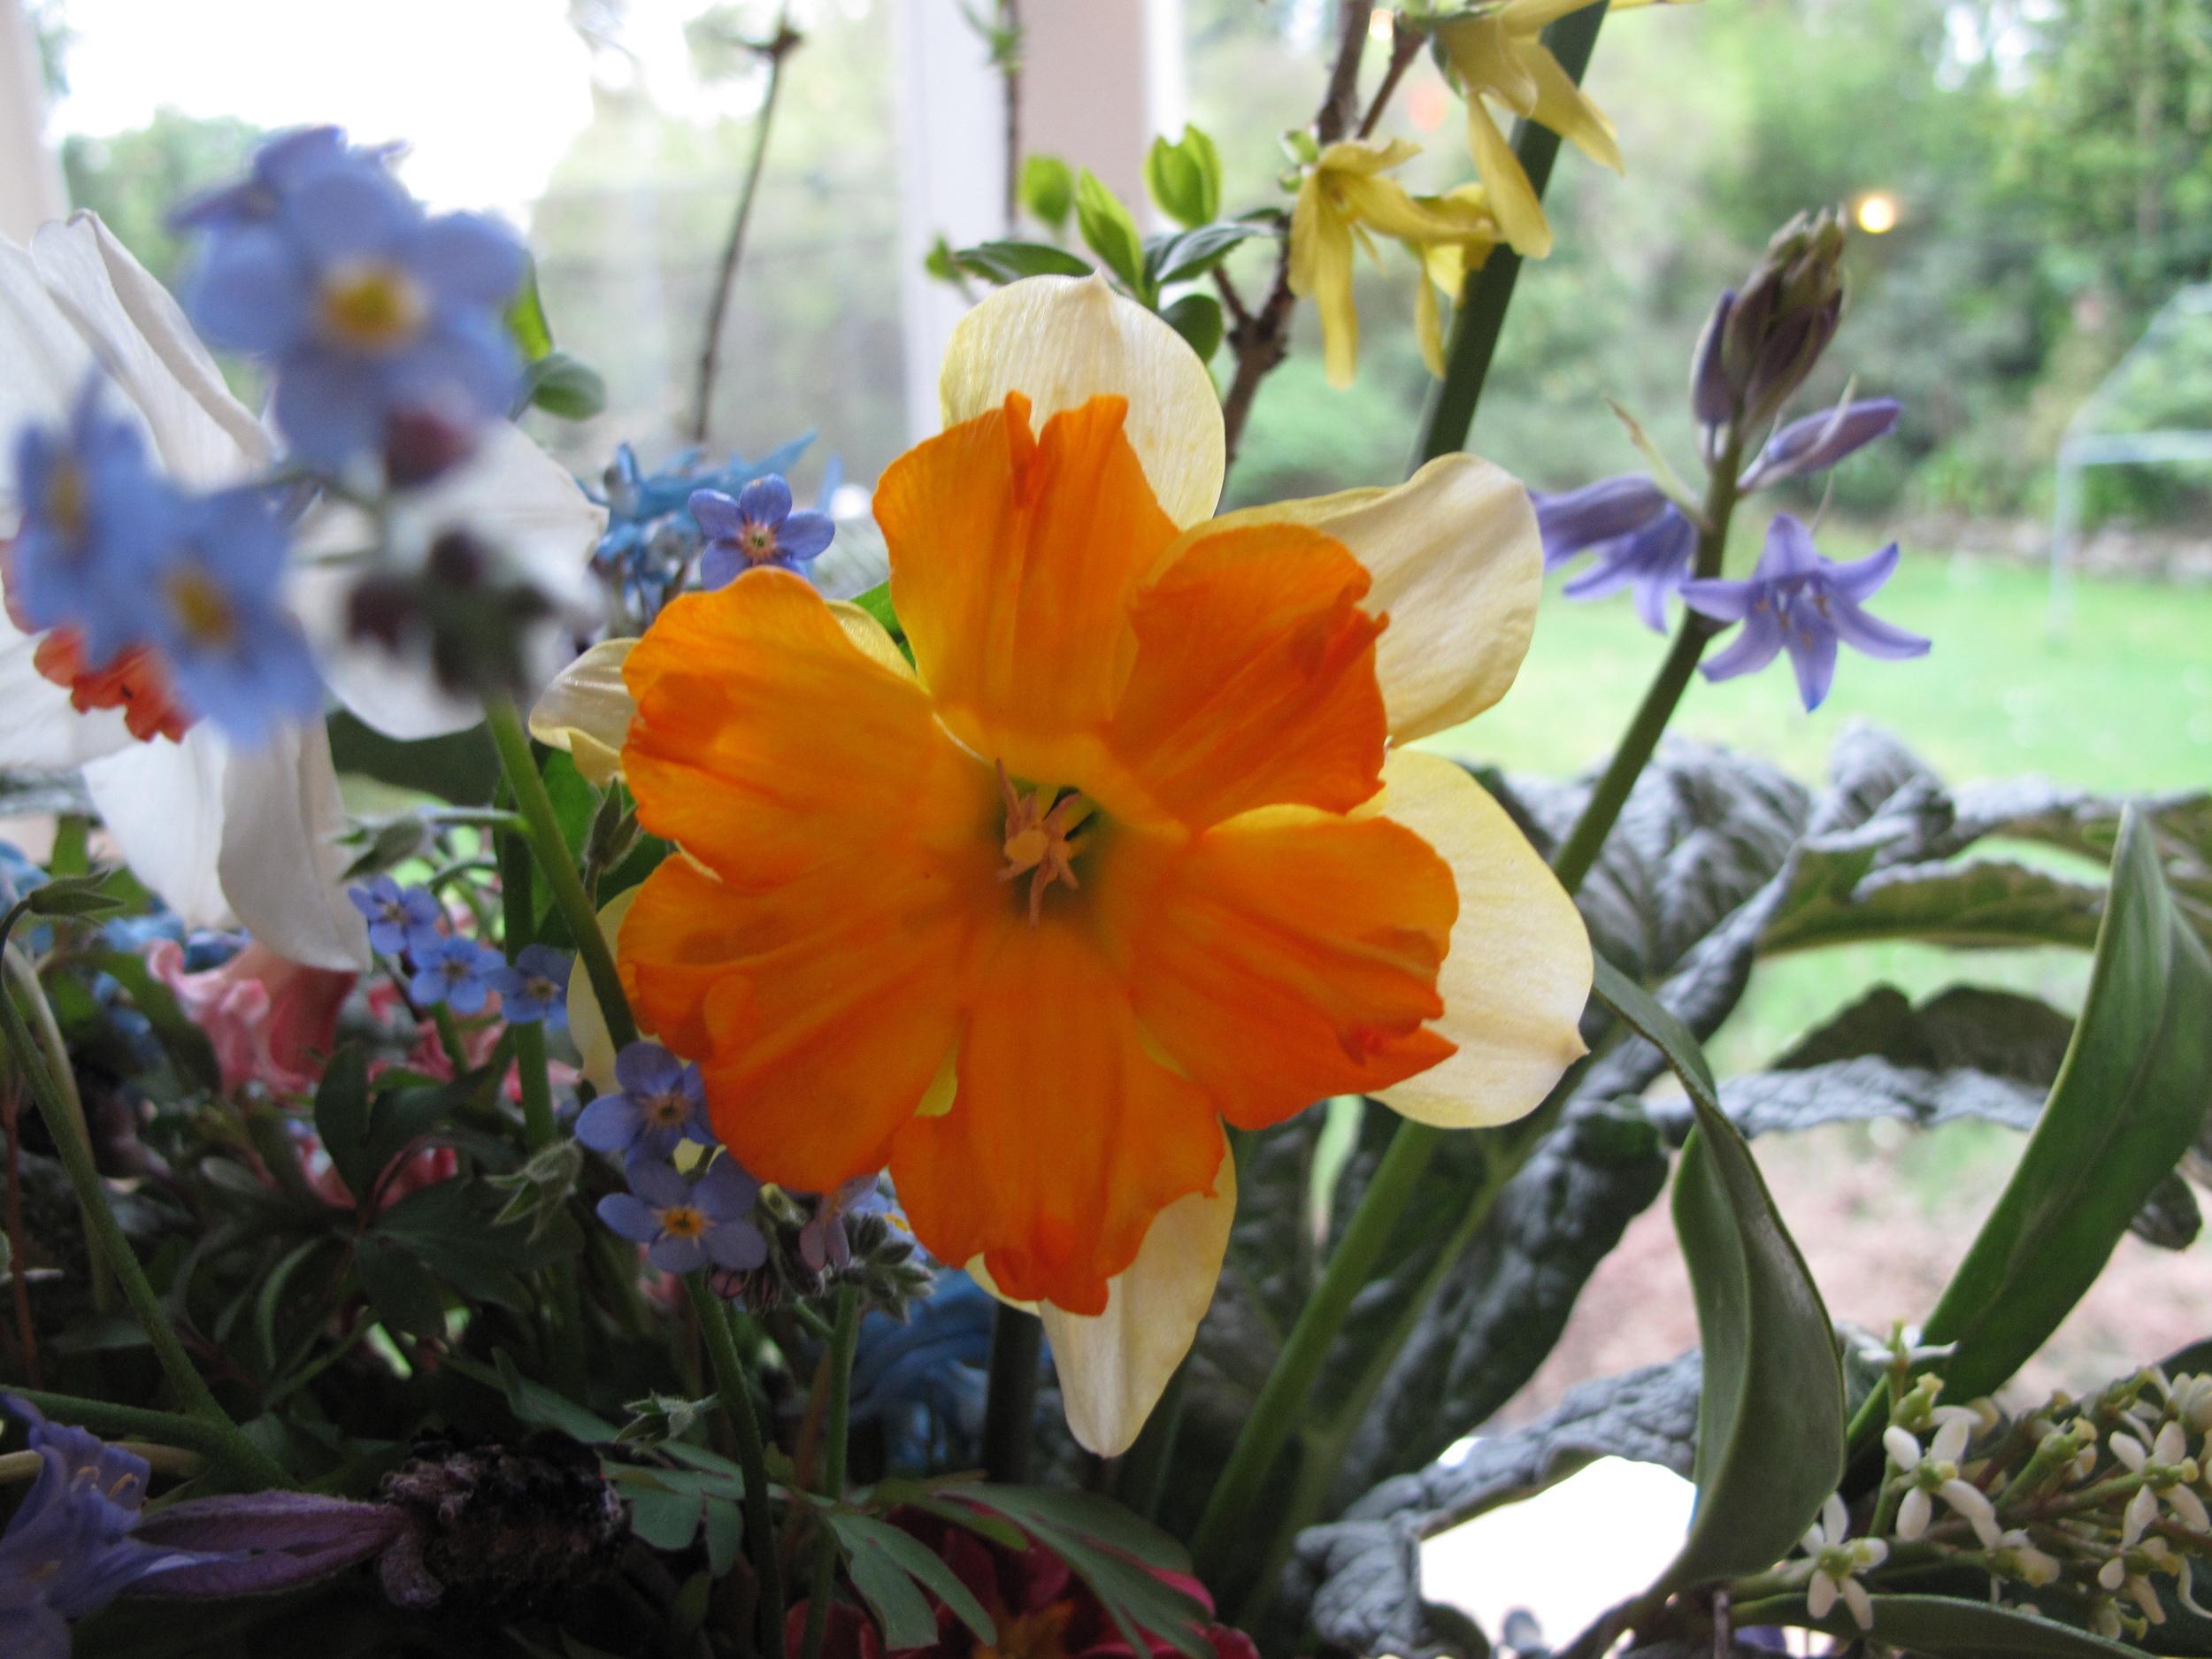 daffodil spring bouquet